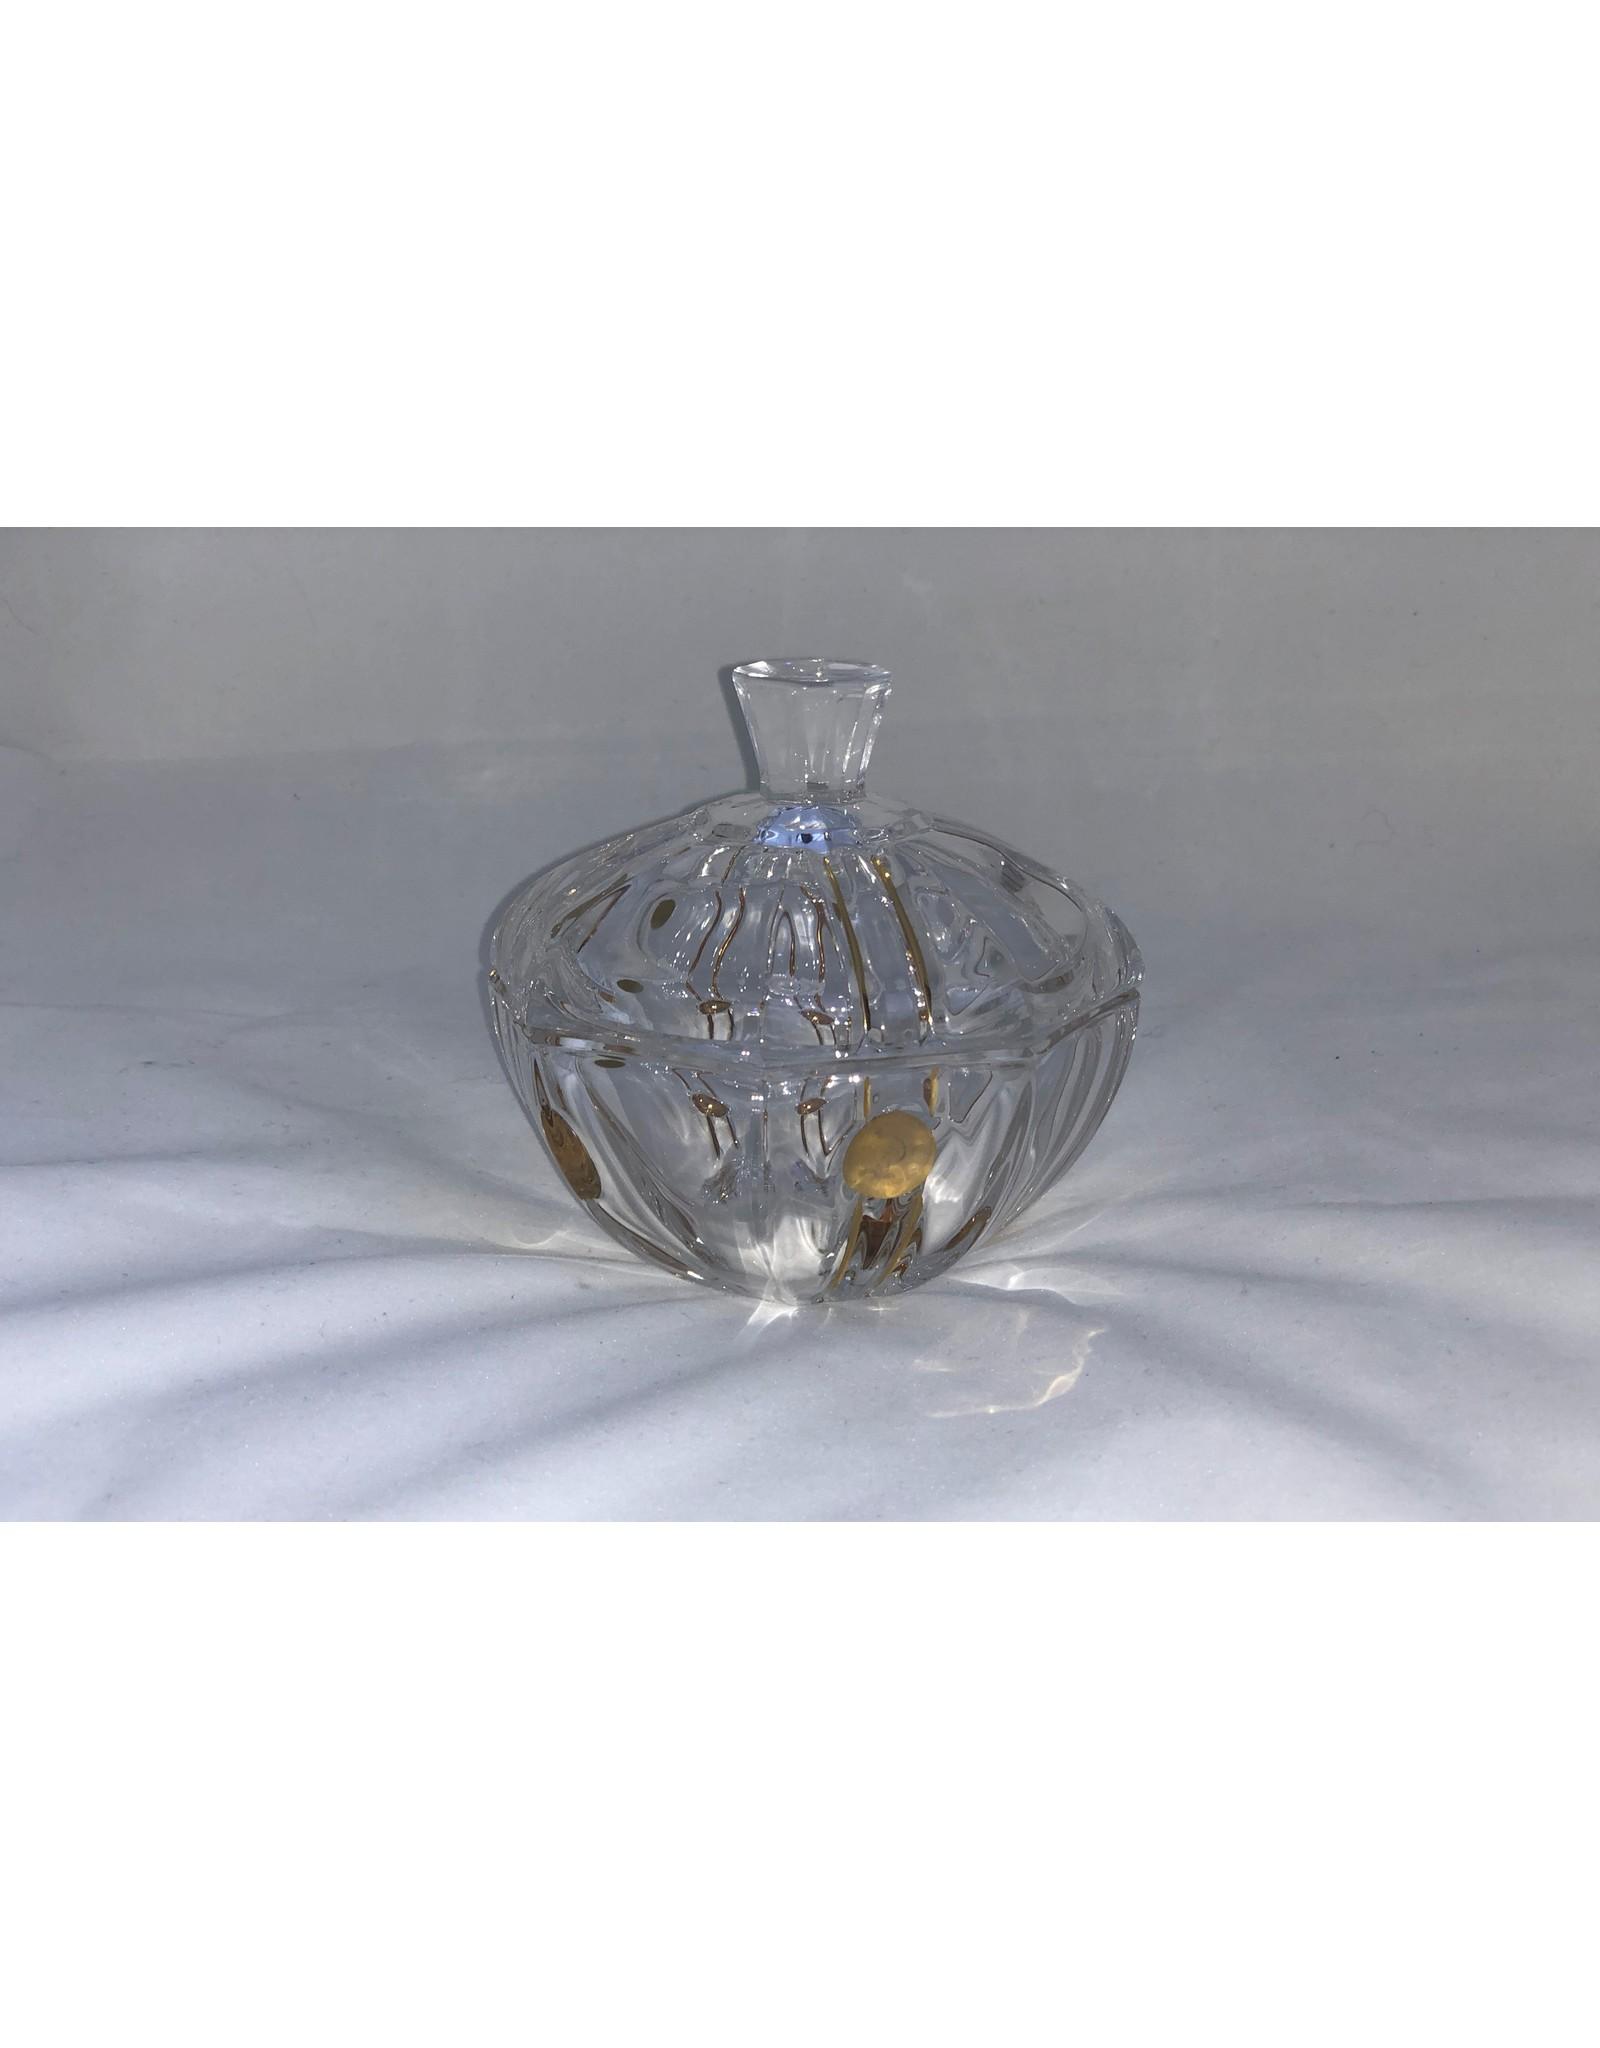 Skloglass Berlin kristal schaal met deksel 12cm / goud decoratie